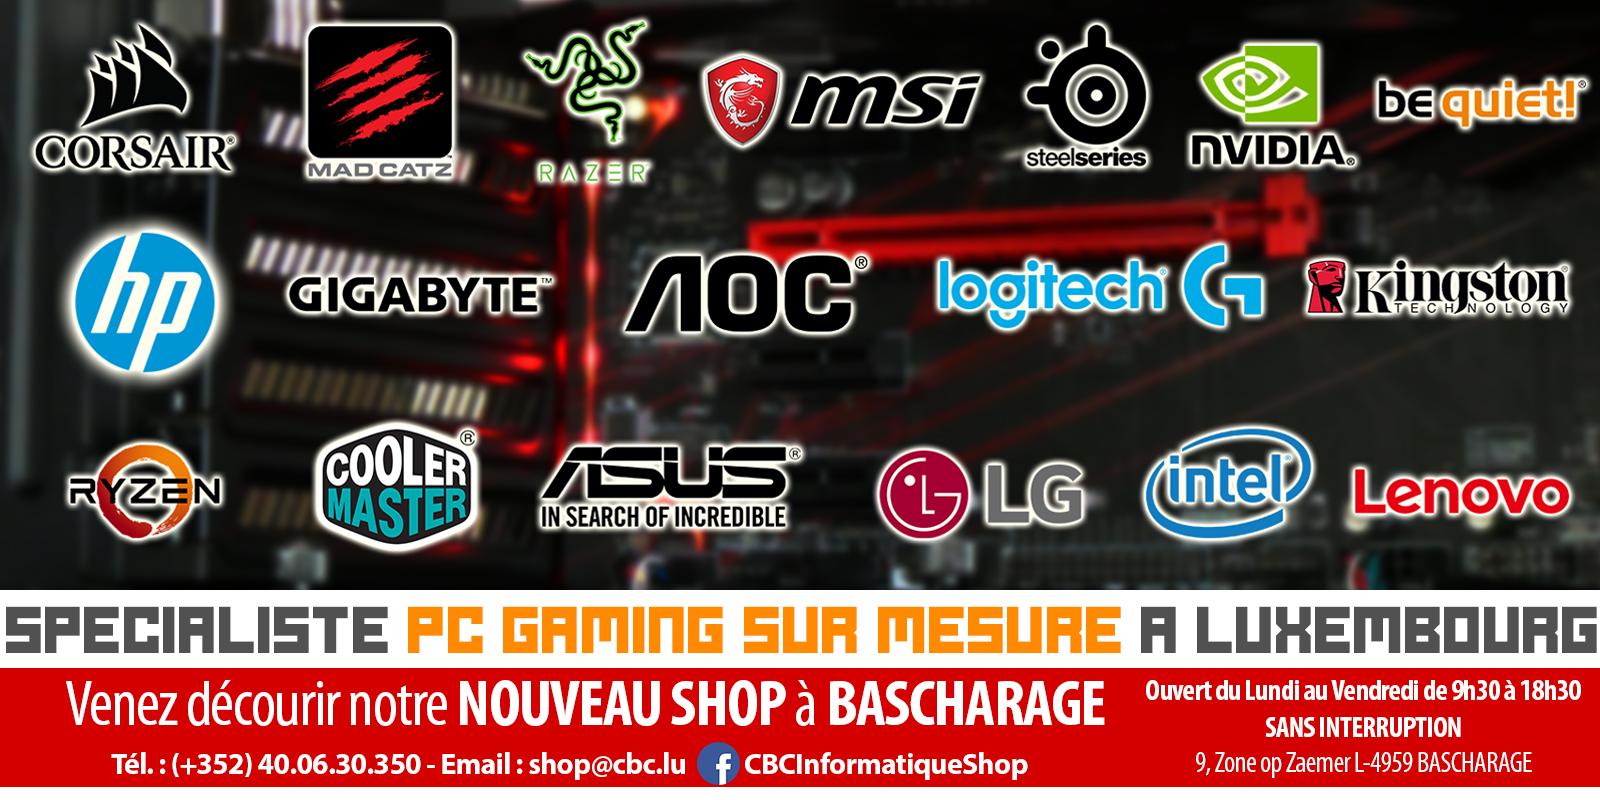 Spécialiste PC Gaming sur mesure à Luxembourg